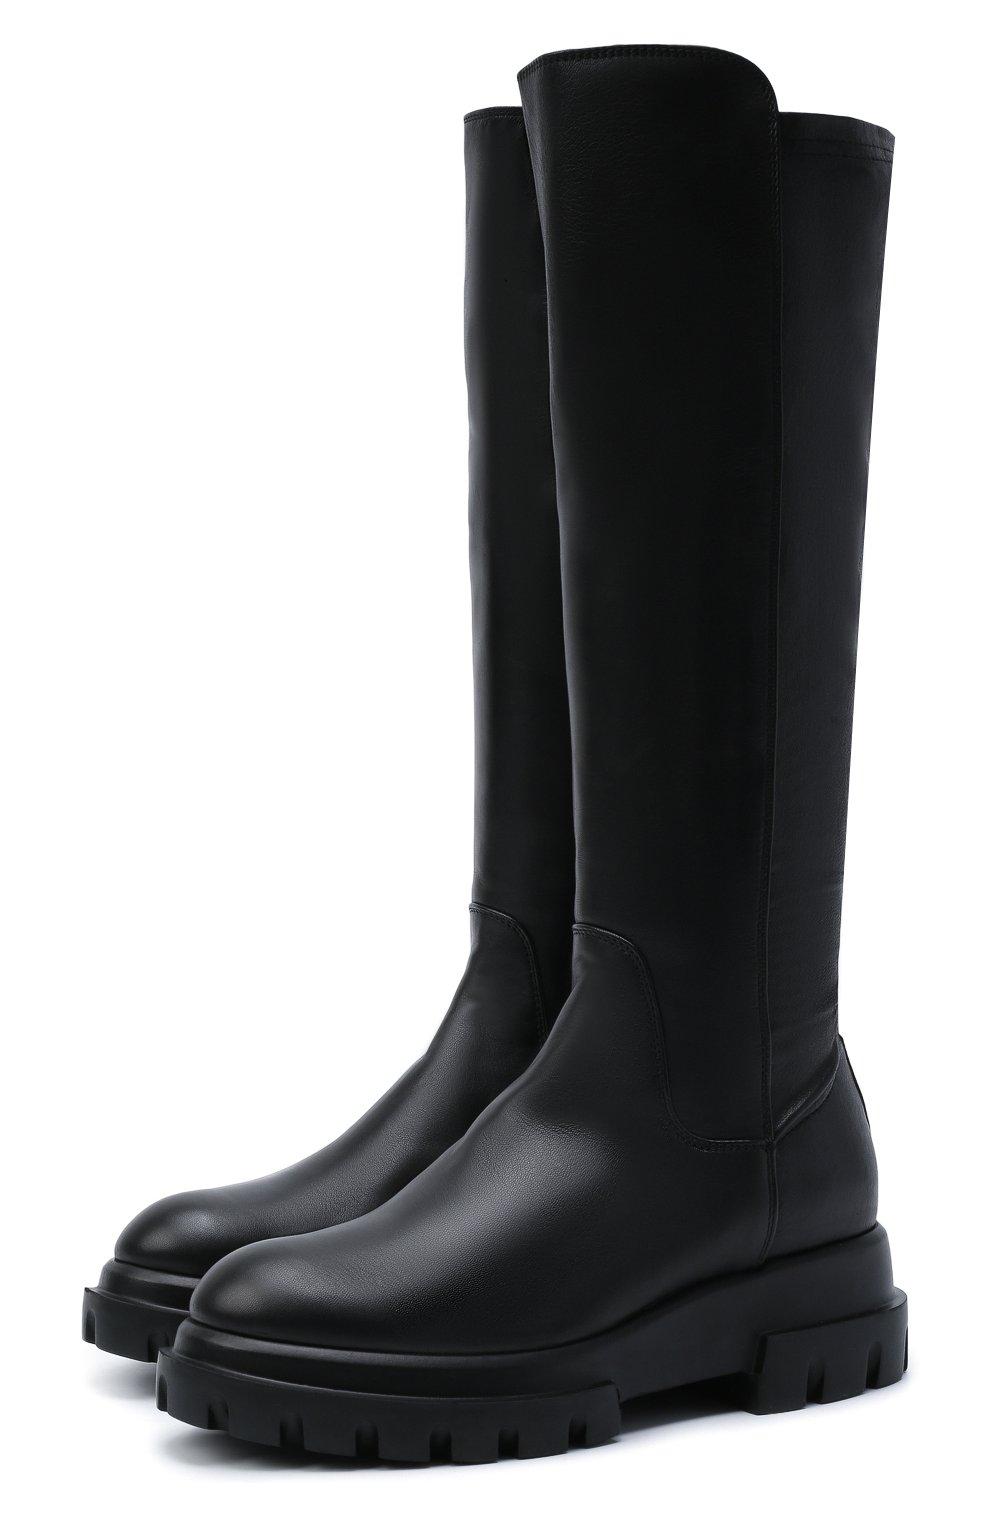 Женские кожаные сапоги AGL черного цвета, арт. D756564PGKA1121049 | Фото 1 (Материал внешний: Текстиль; Подошва: Платформа; Высота голенища: Средние; Каблук высота: Низкий; Материал внутренний: Натуральная кожа; Каблук тип: Устойчивый)